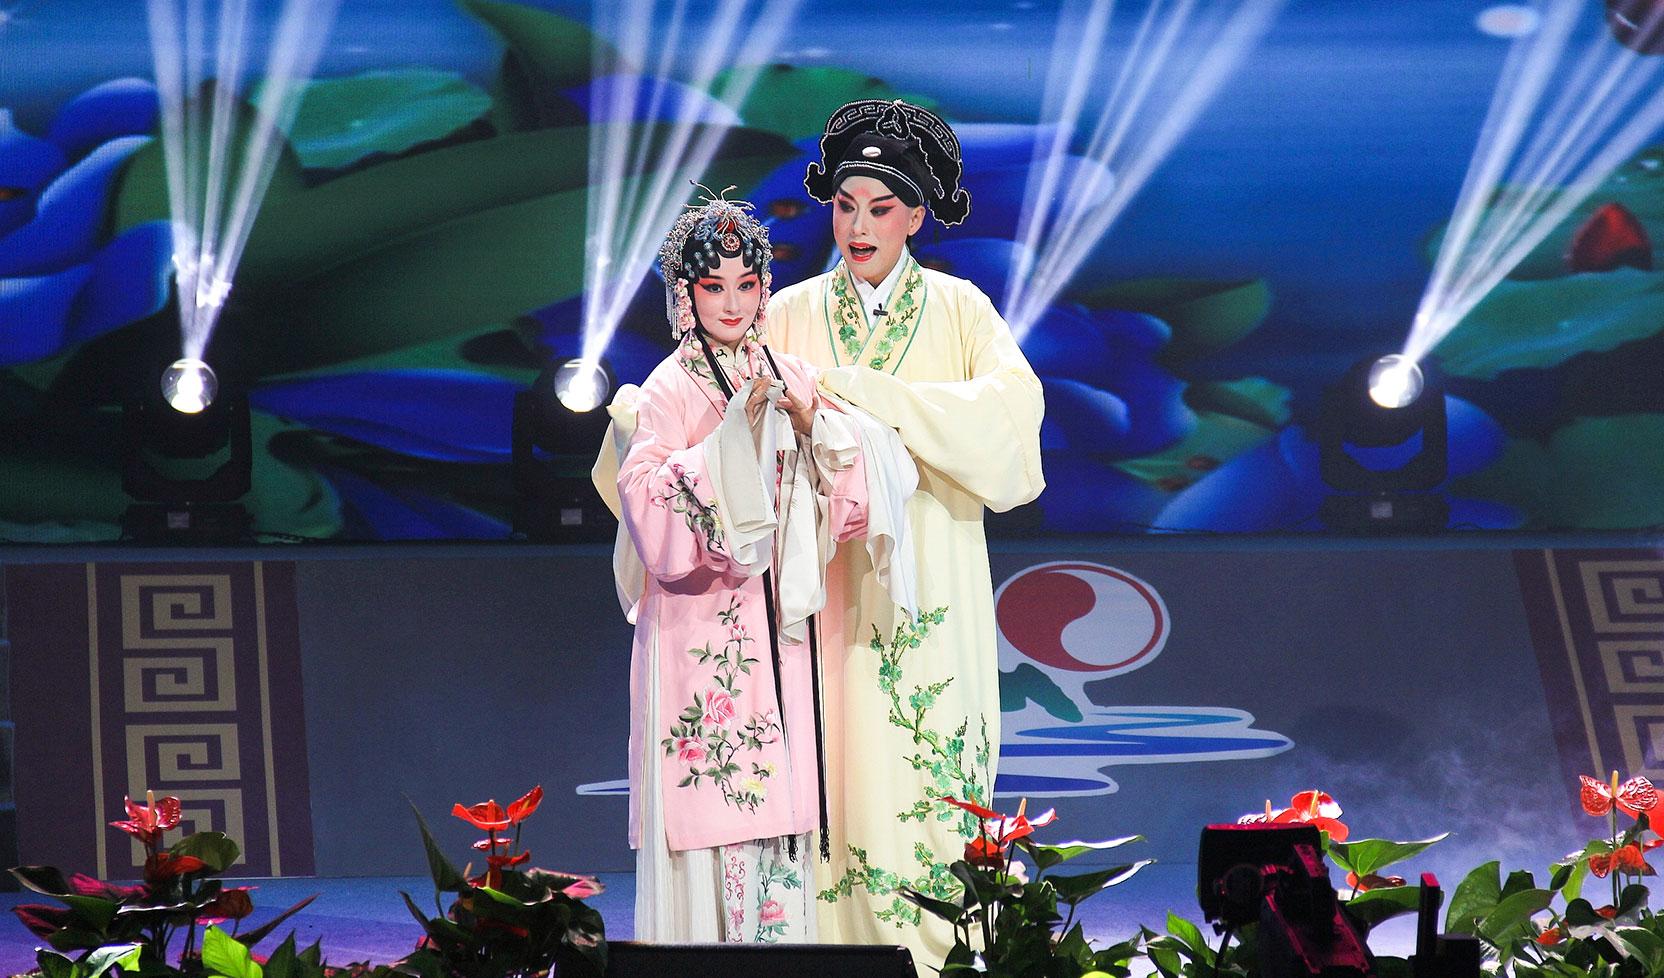 大好河山2019南京九周年庆典文艺晚会 昆曲《牡丹亭》选段 施夏明 蔡晨成